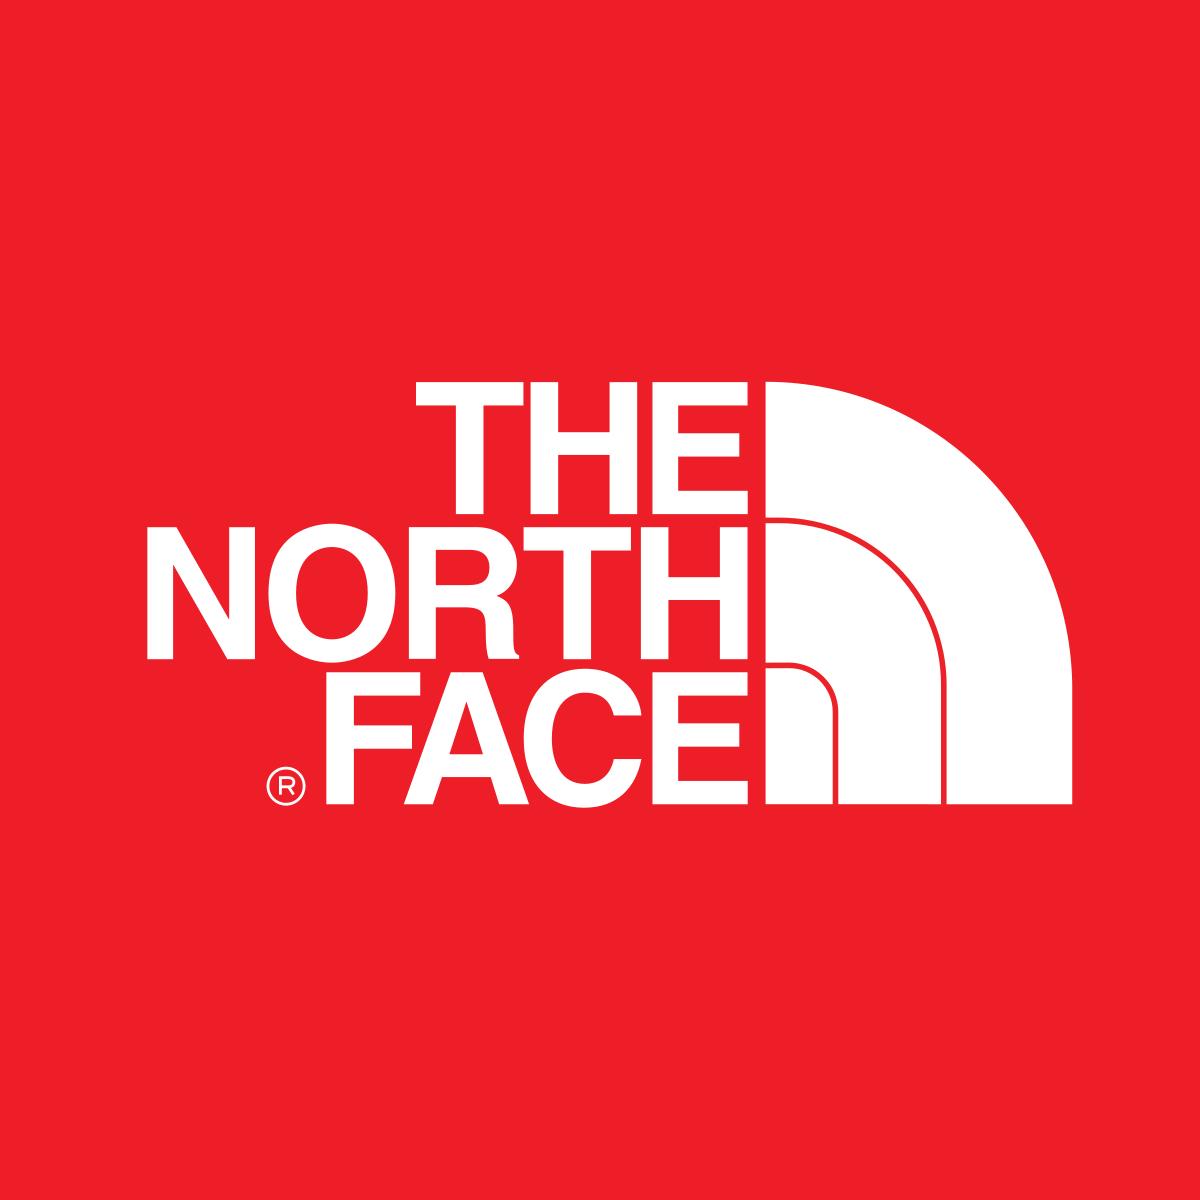 312edc0c4 The North Face Shop Cyber Monday 2019 Deals & Sales